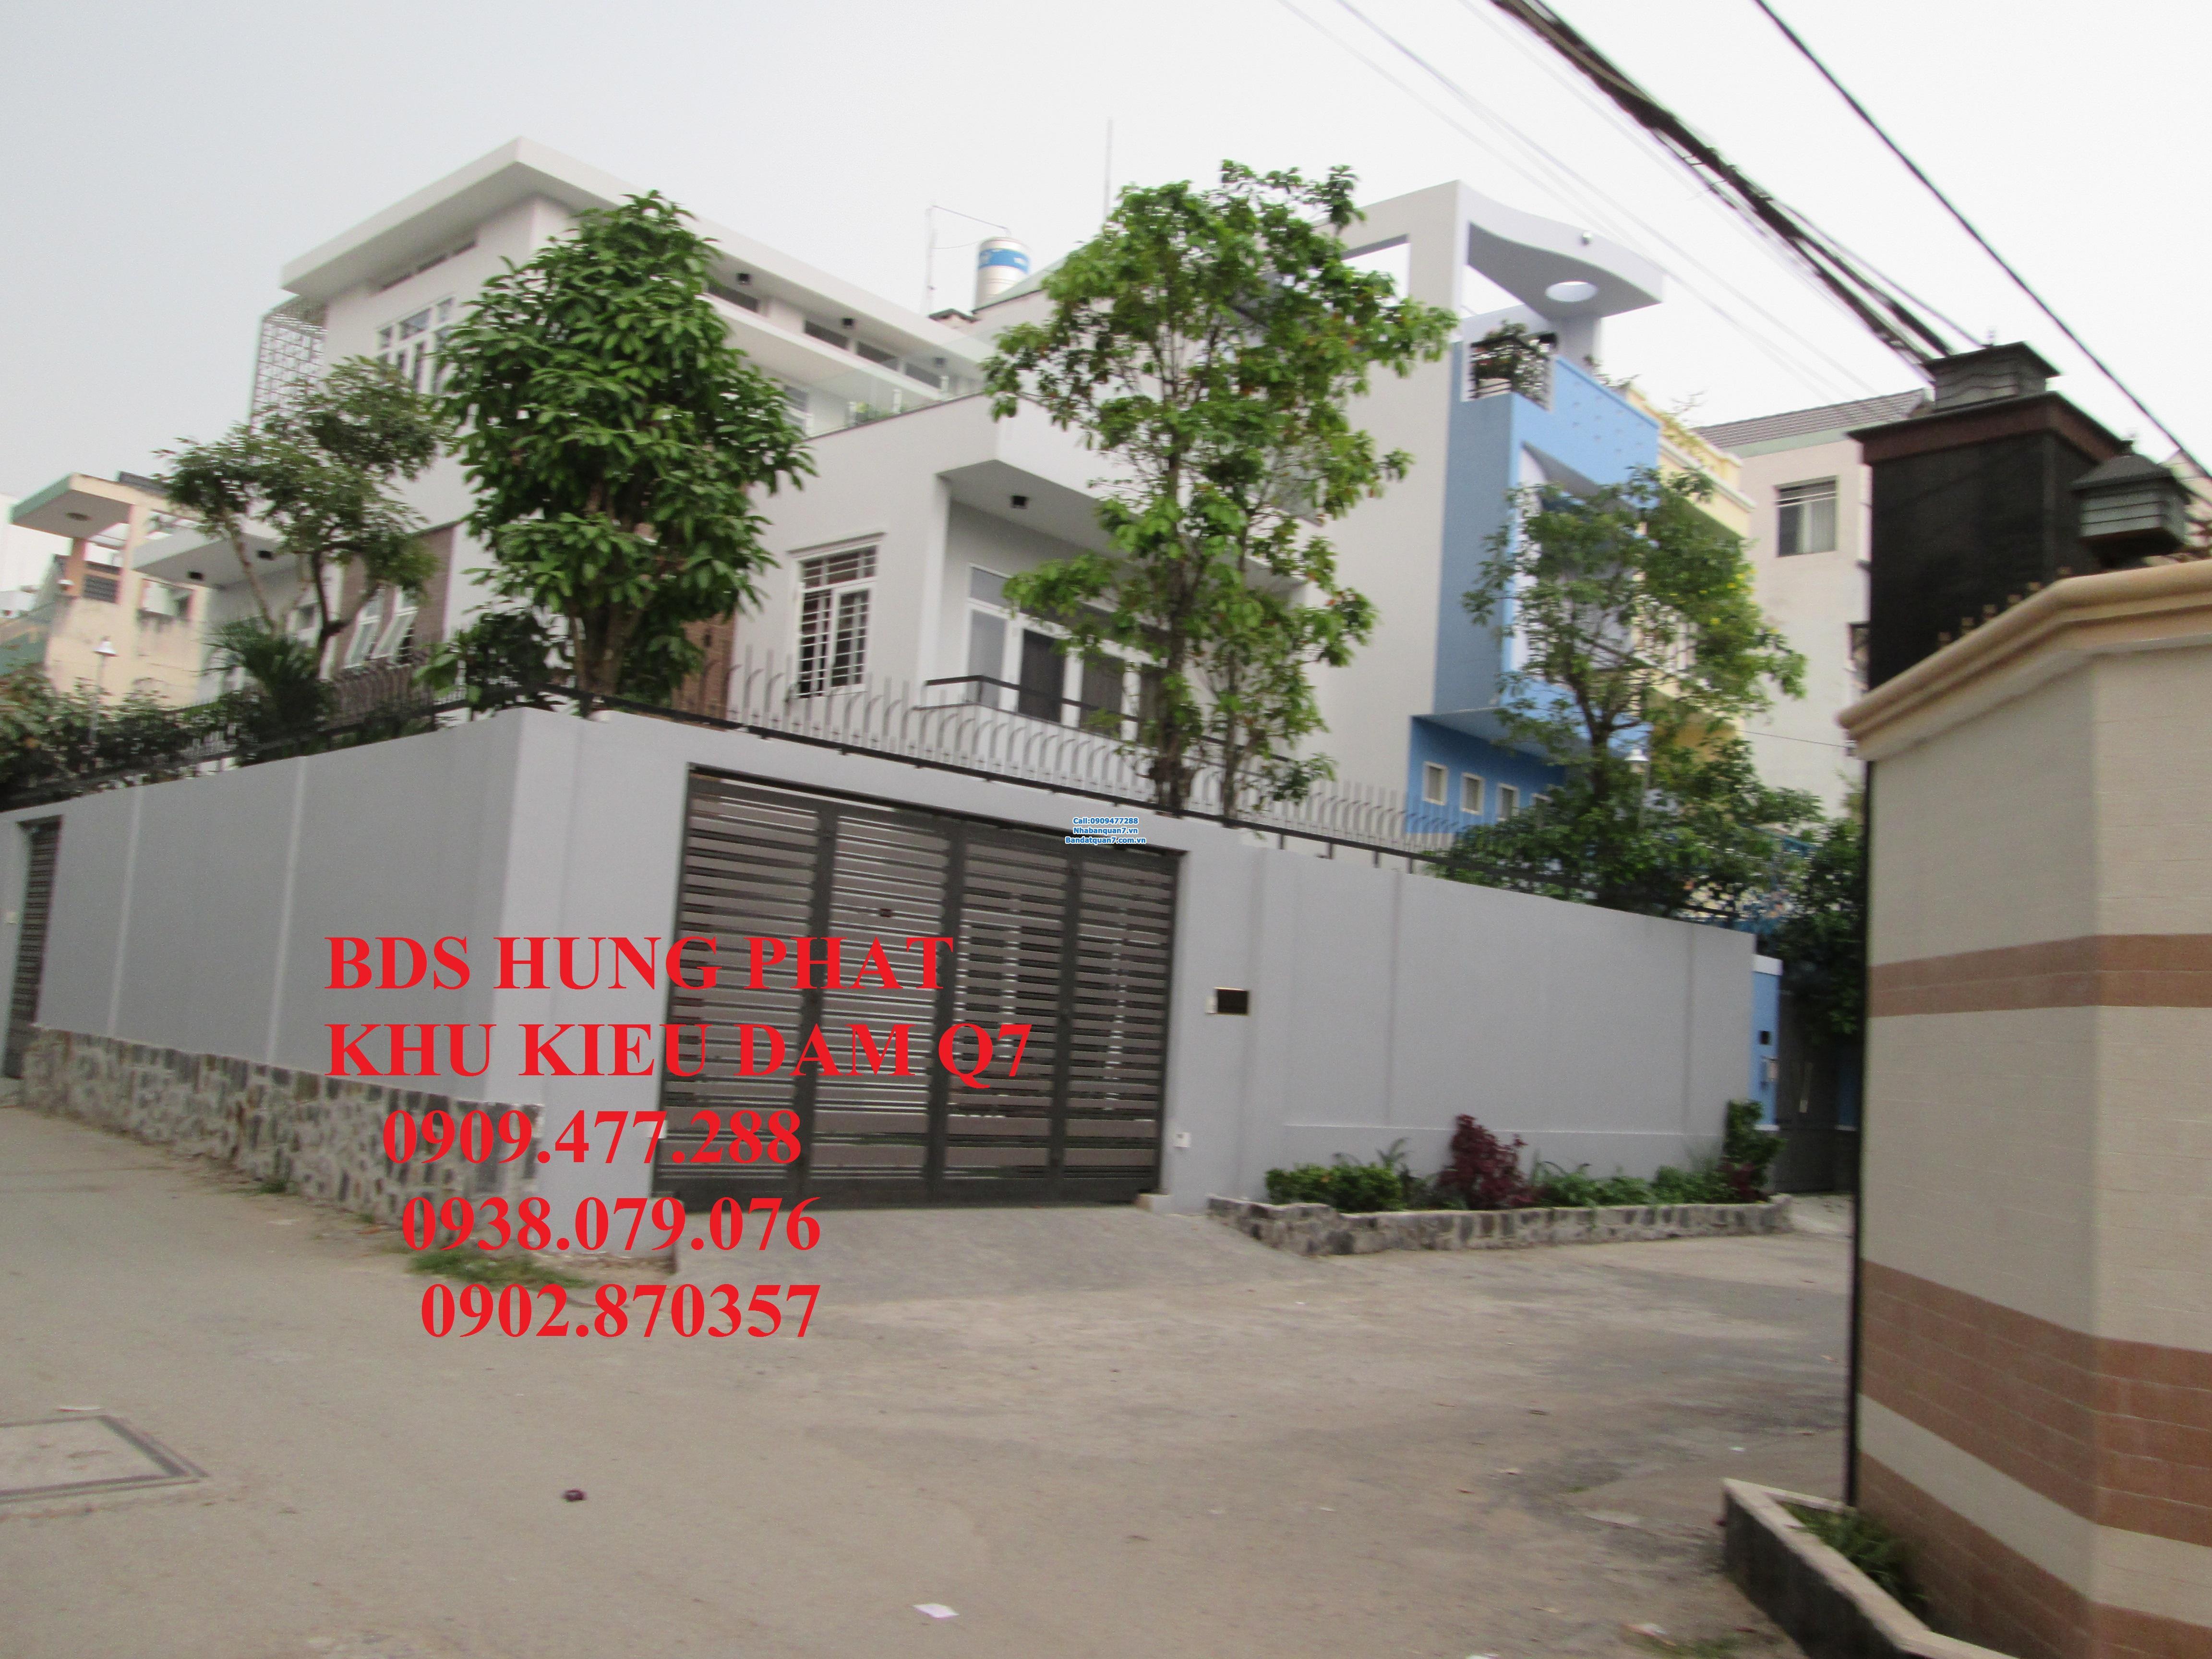 Bán lô đất 14x18m góc 2 mặt tiền đường 8m khu dân cư Kiều Đàm quận 7, hướng Đông và Nam giá 41 tr/m2. LH 0909477288.